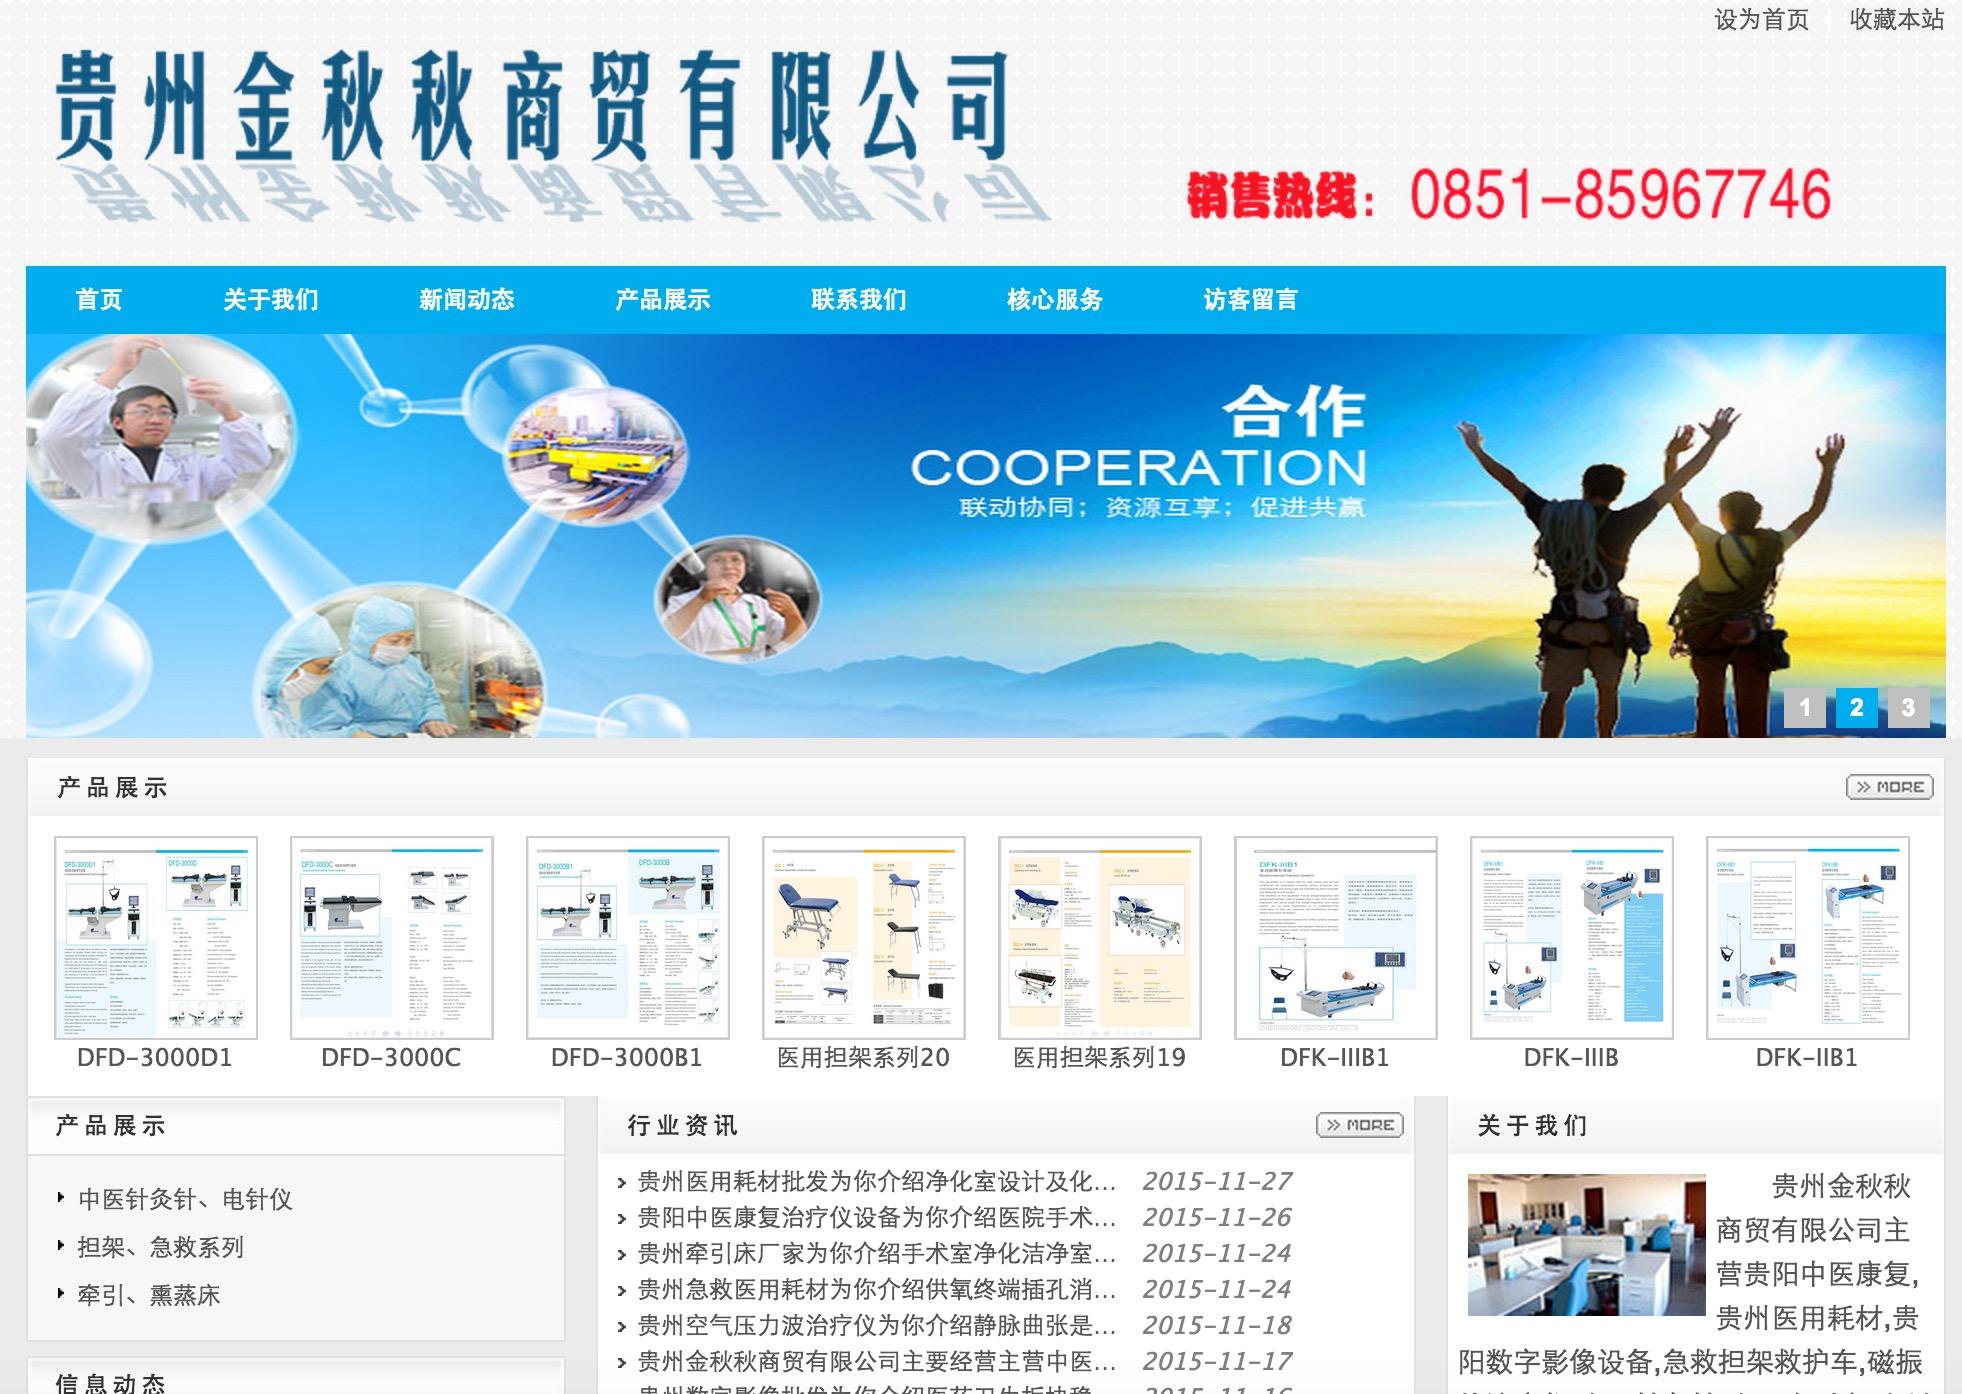 贵阳中医康复治疗仪设备公司与富海360达成推广合作